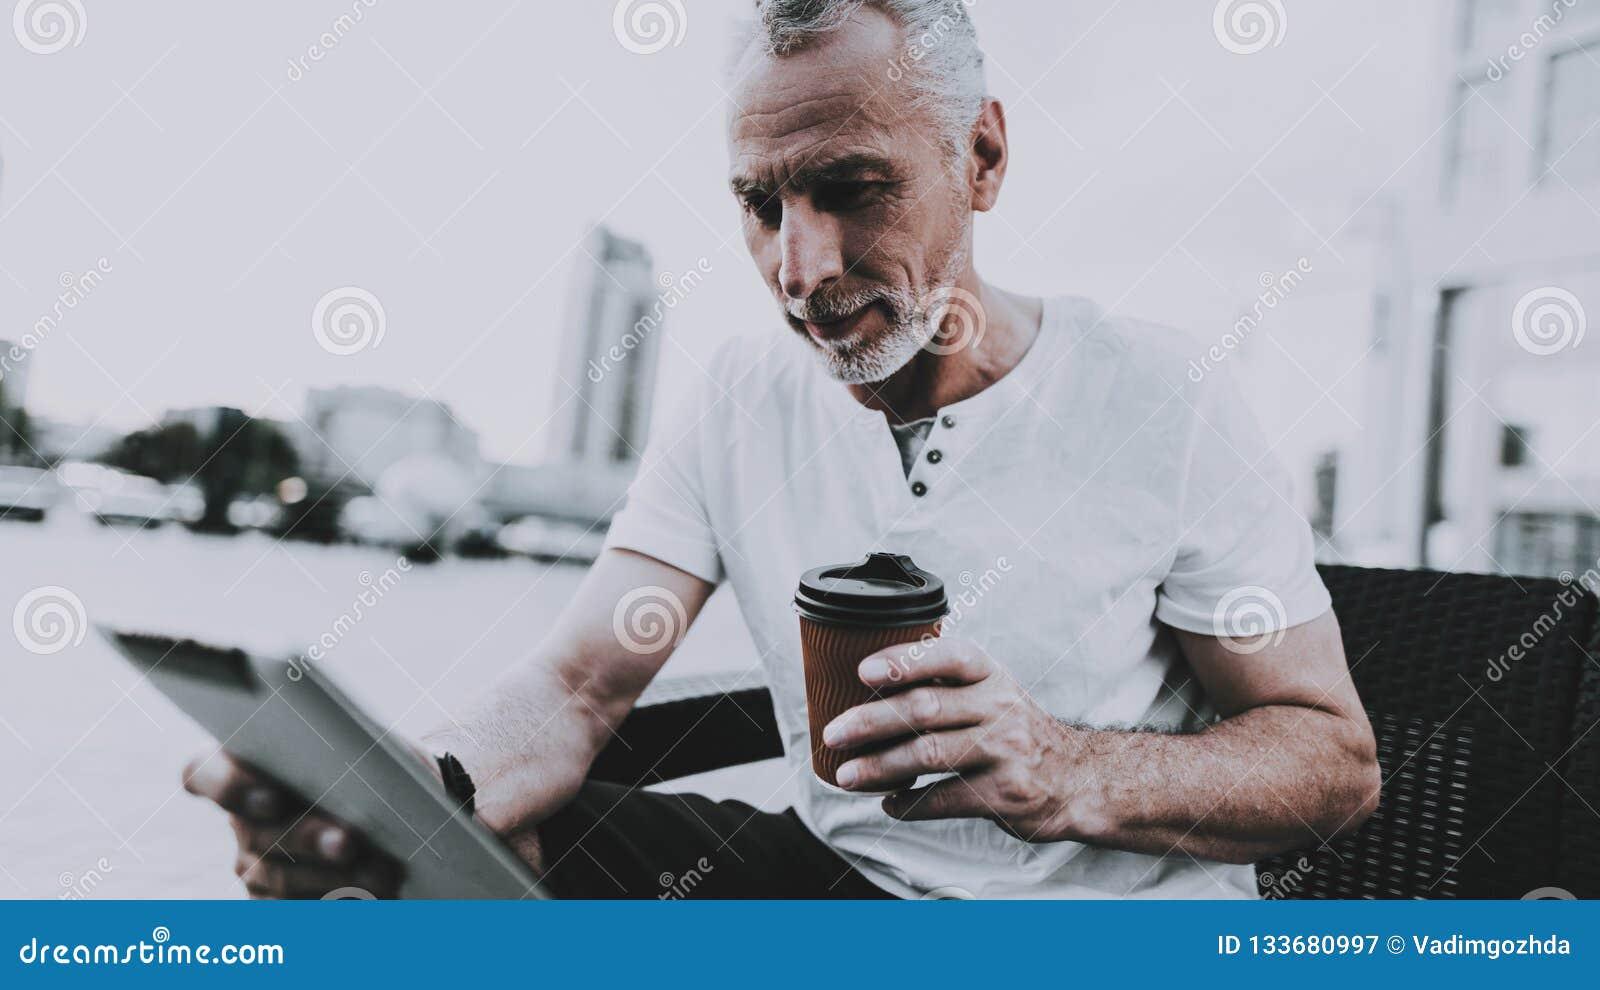 El hombre está utilizando un Tablet PC y está bebiendo un café